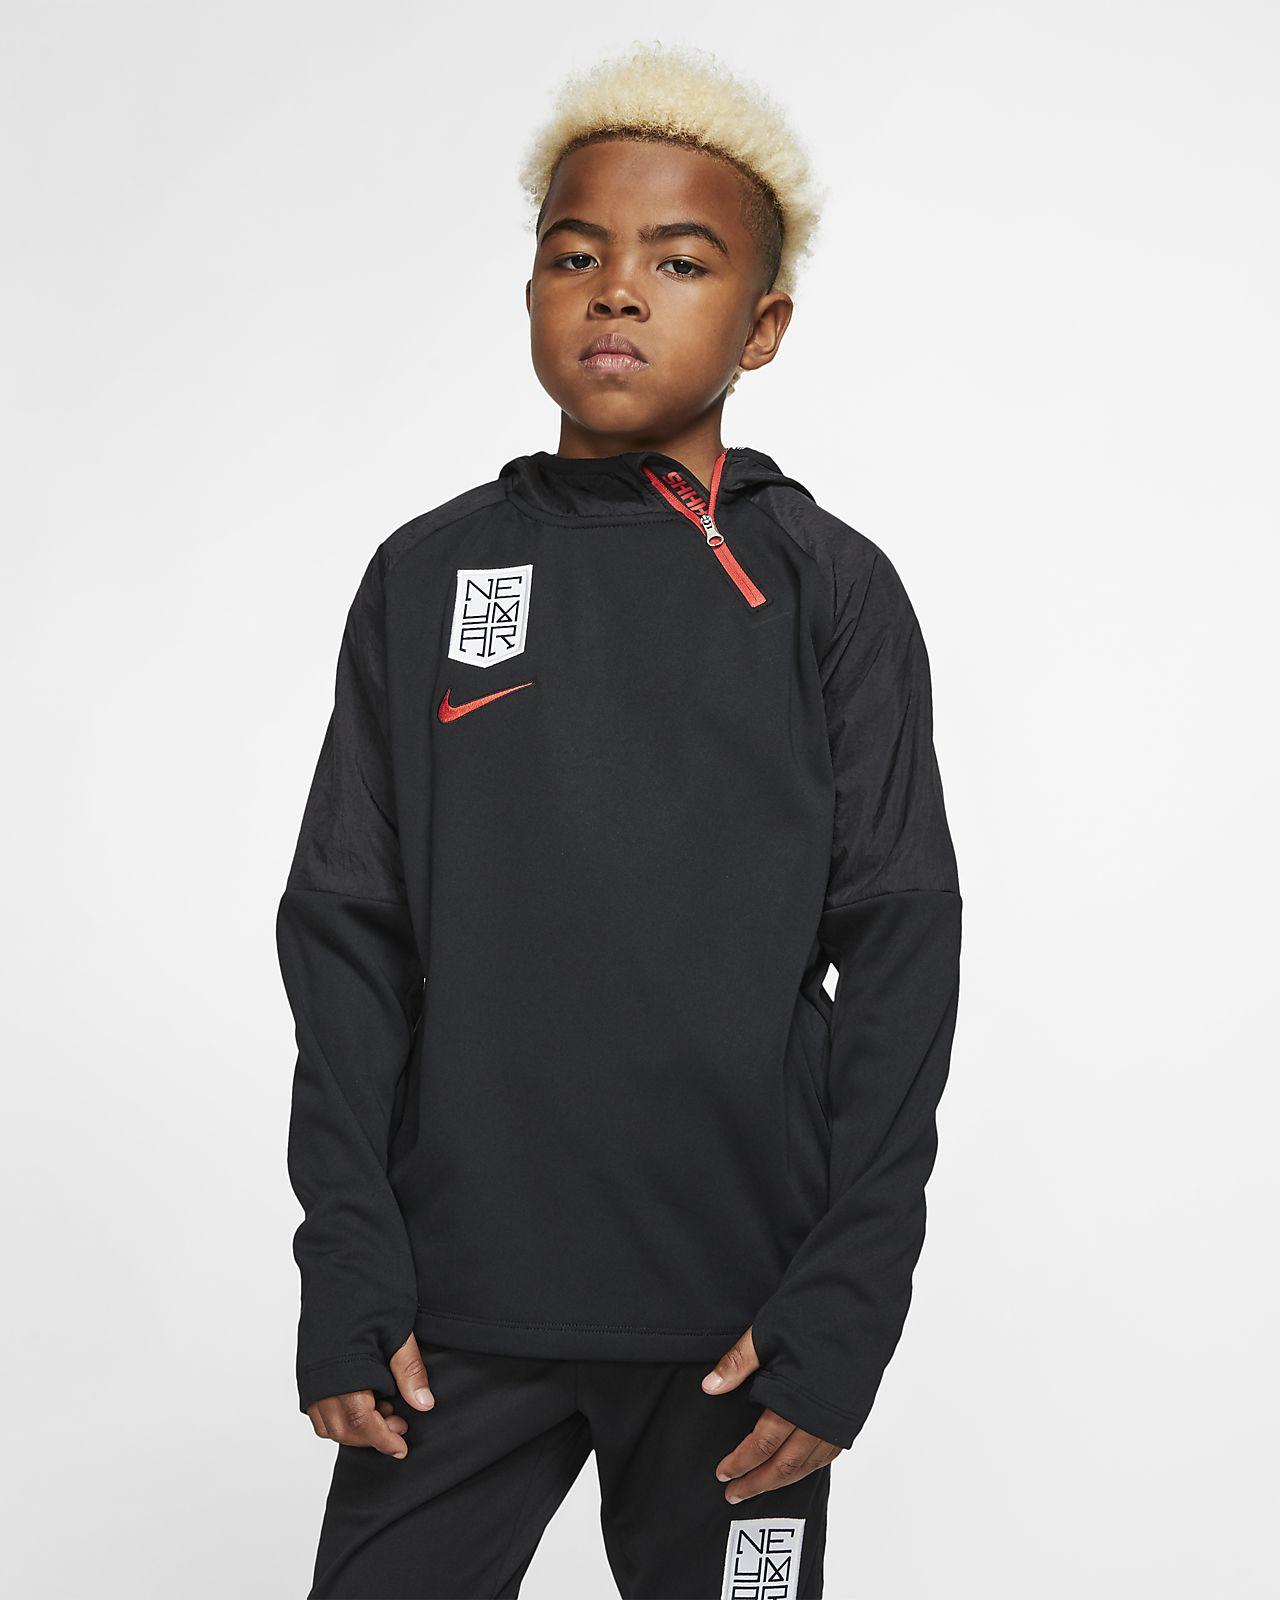 Fotbalová mikina s kapucí Nike Dri-FIT Neymar Jr. pro větší děti